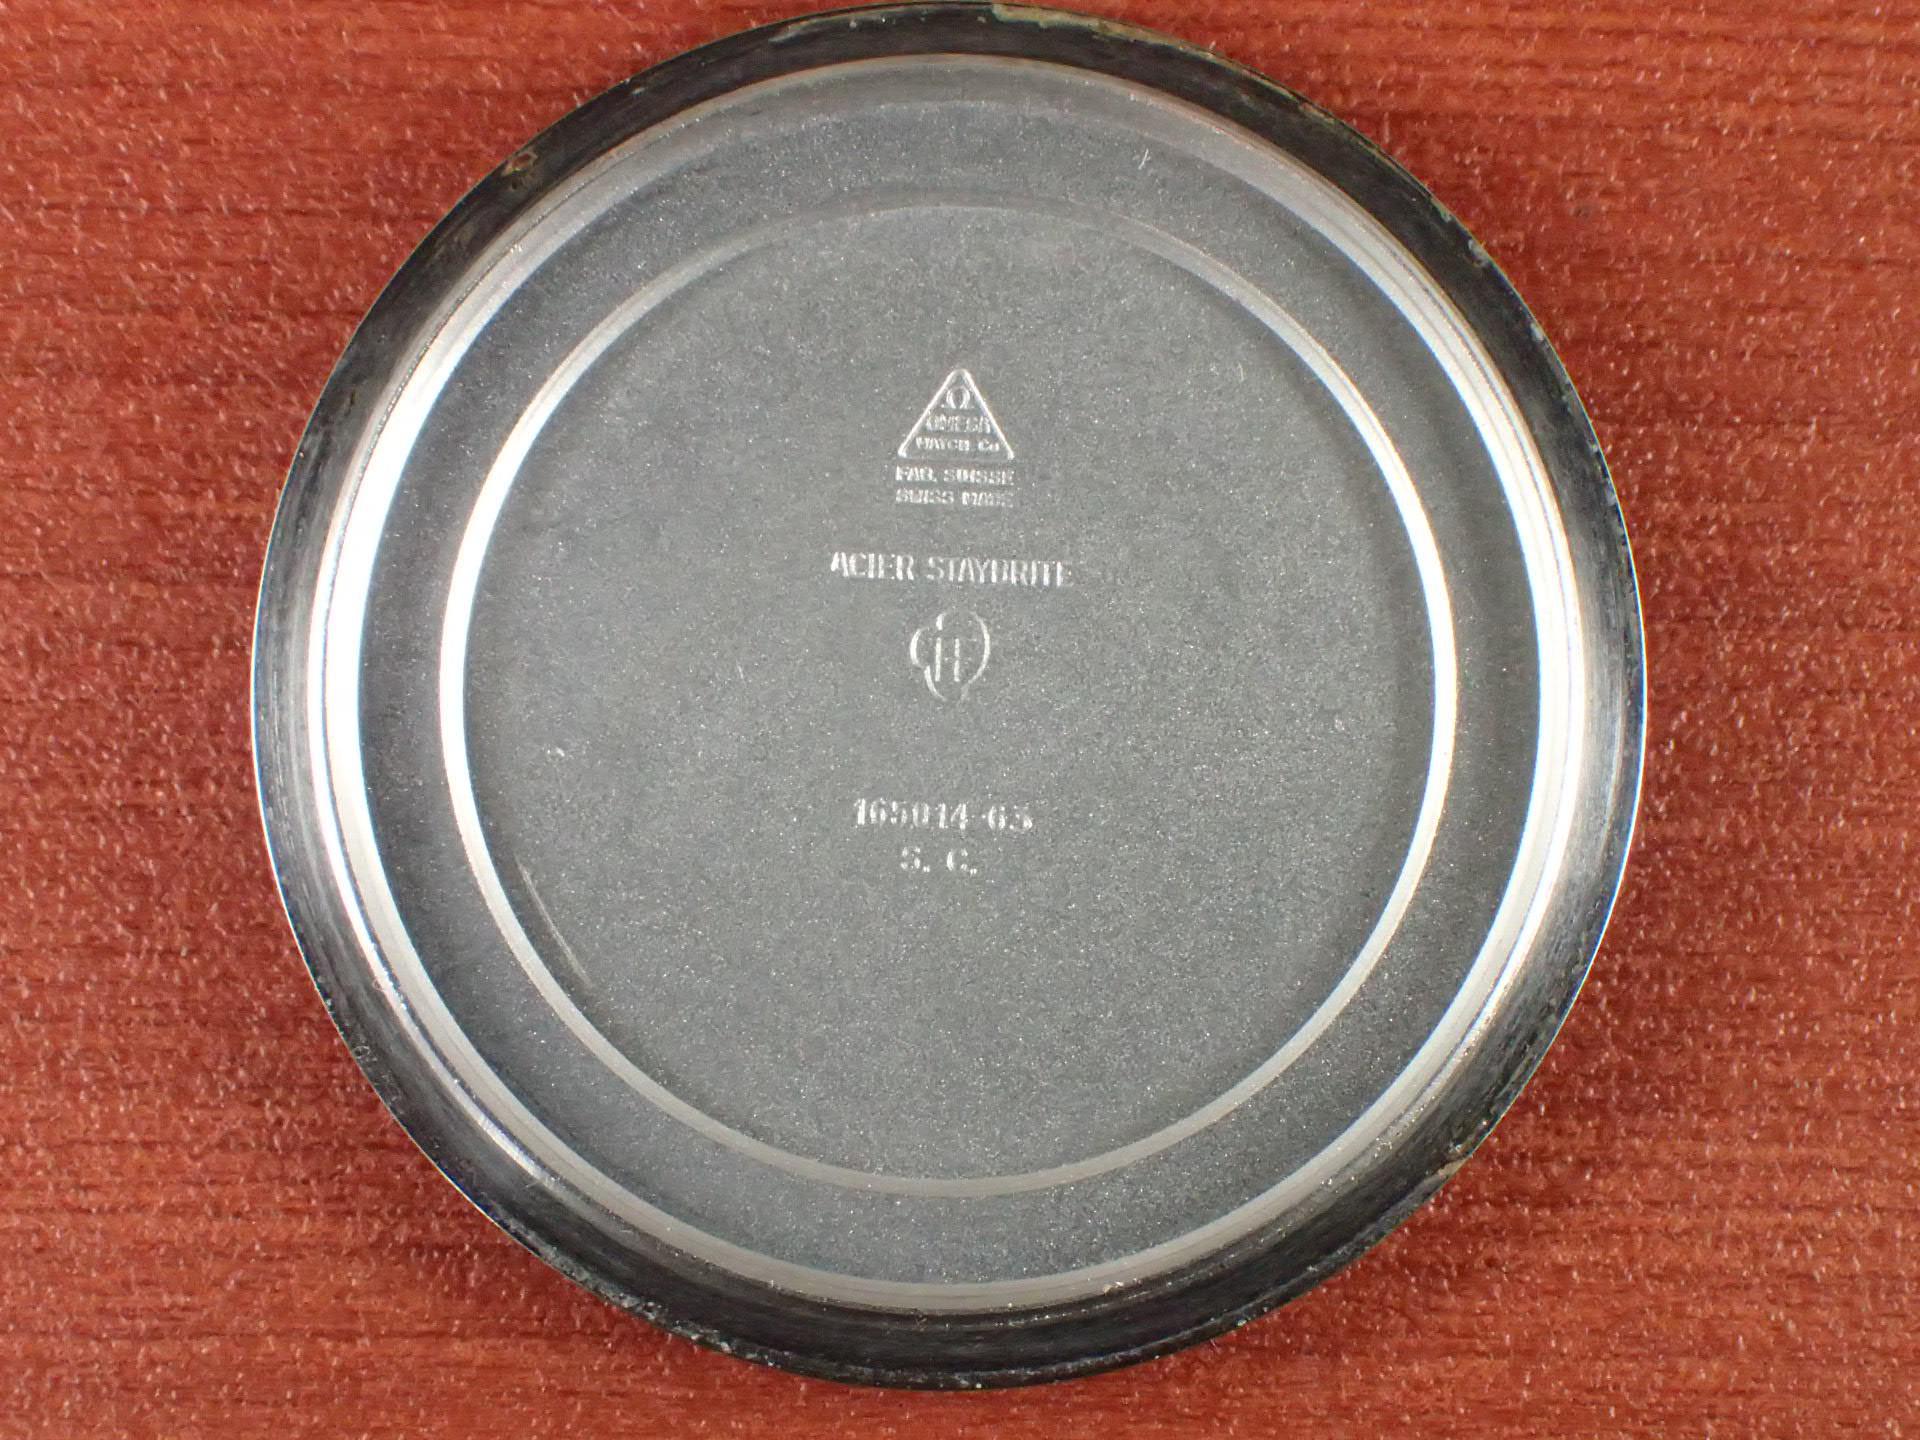 オメガ シーマスター300 セカンドモデル Ref.165.014-63 1960年代の写真6枚目